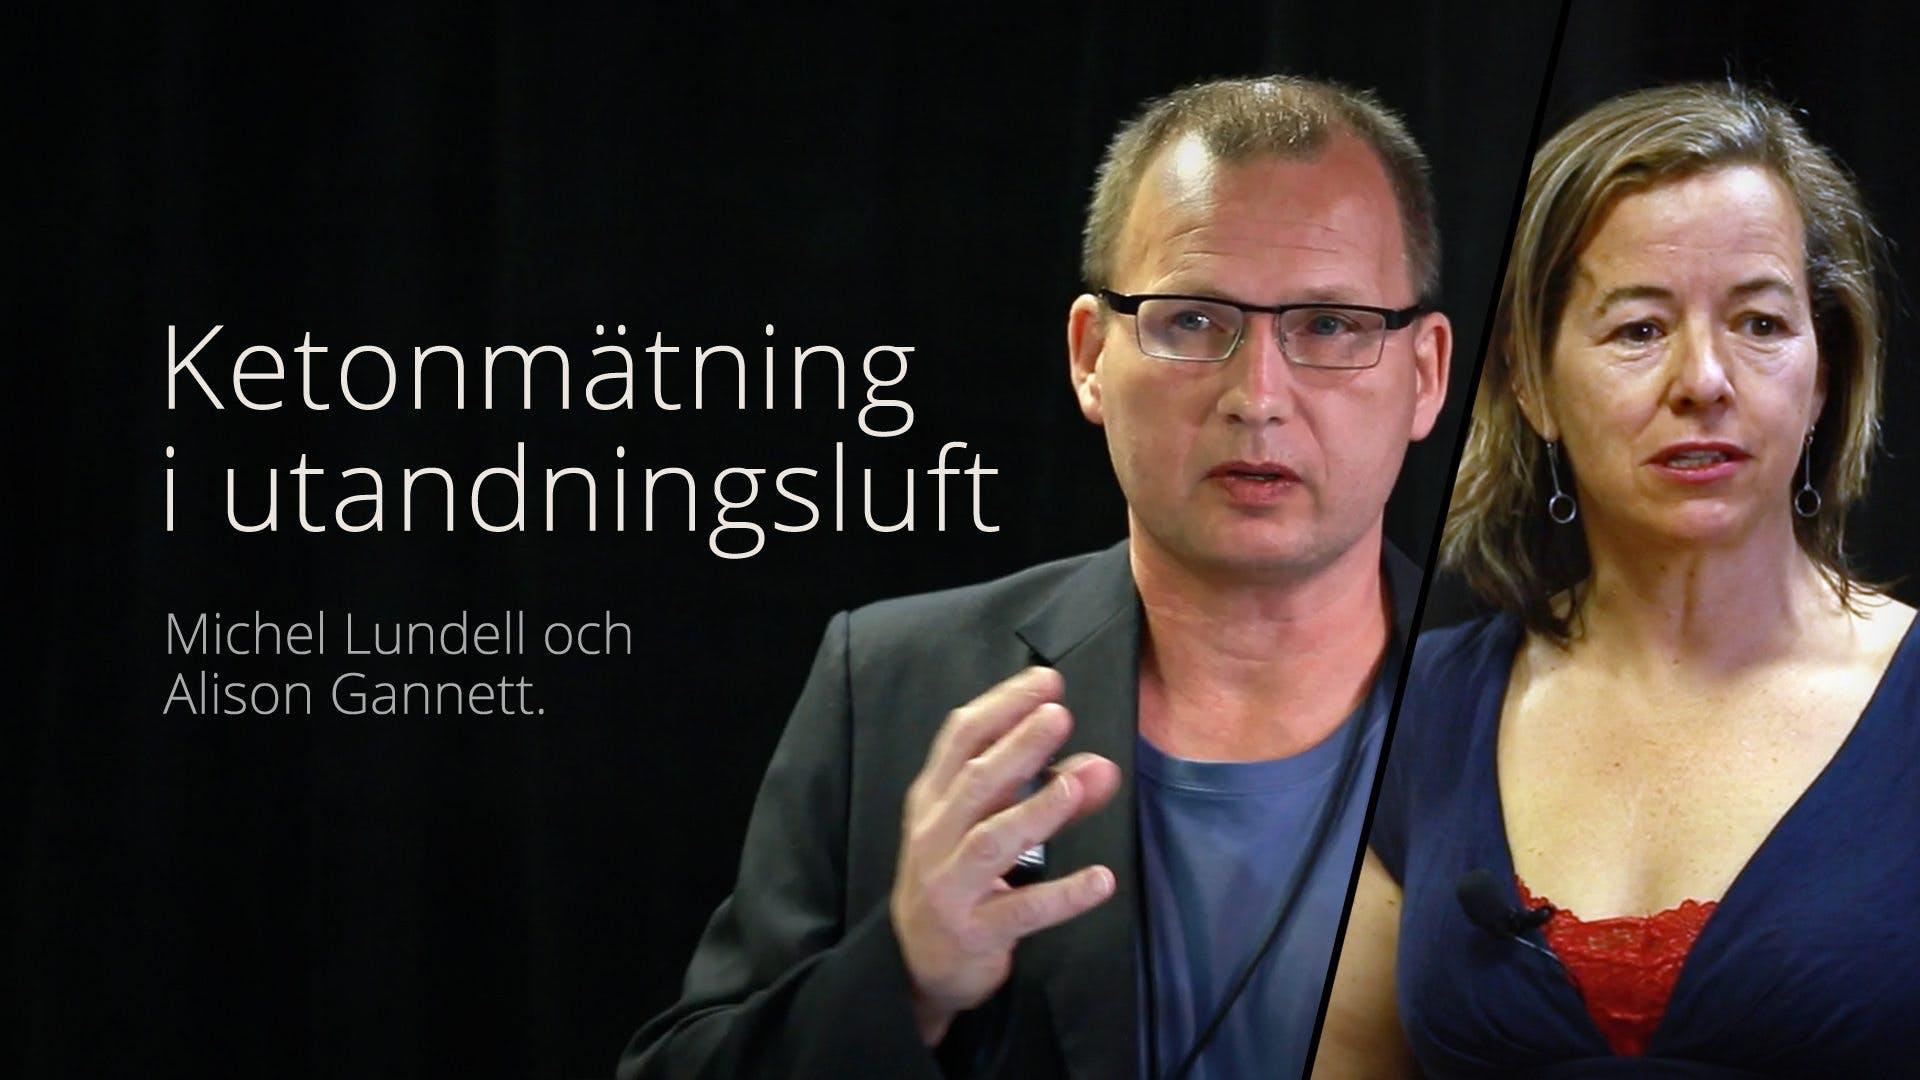 Ketonmätning i utandningsluft - Michel Lundell och Alison Gannett